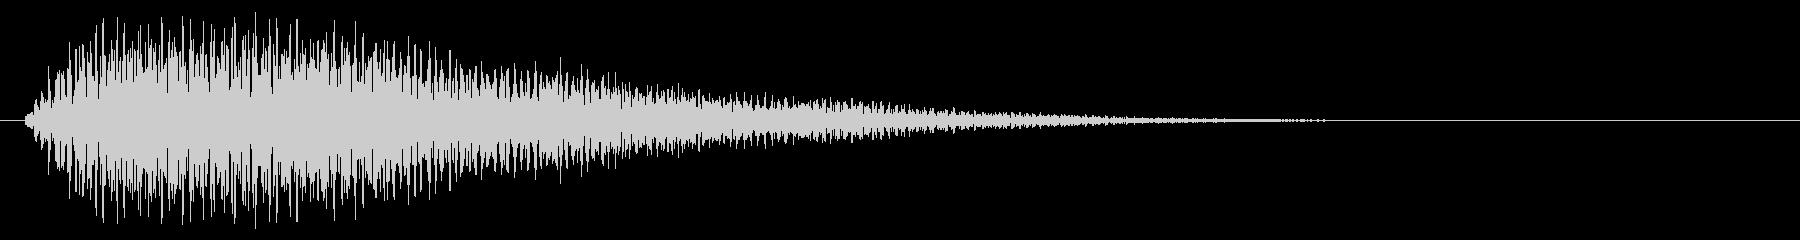 クラブ系 タッチ音8(メジャーナインス)の未再生の波形